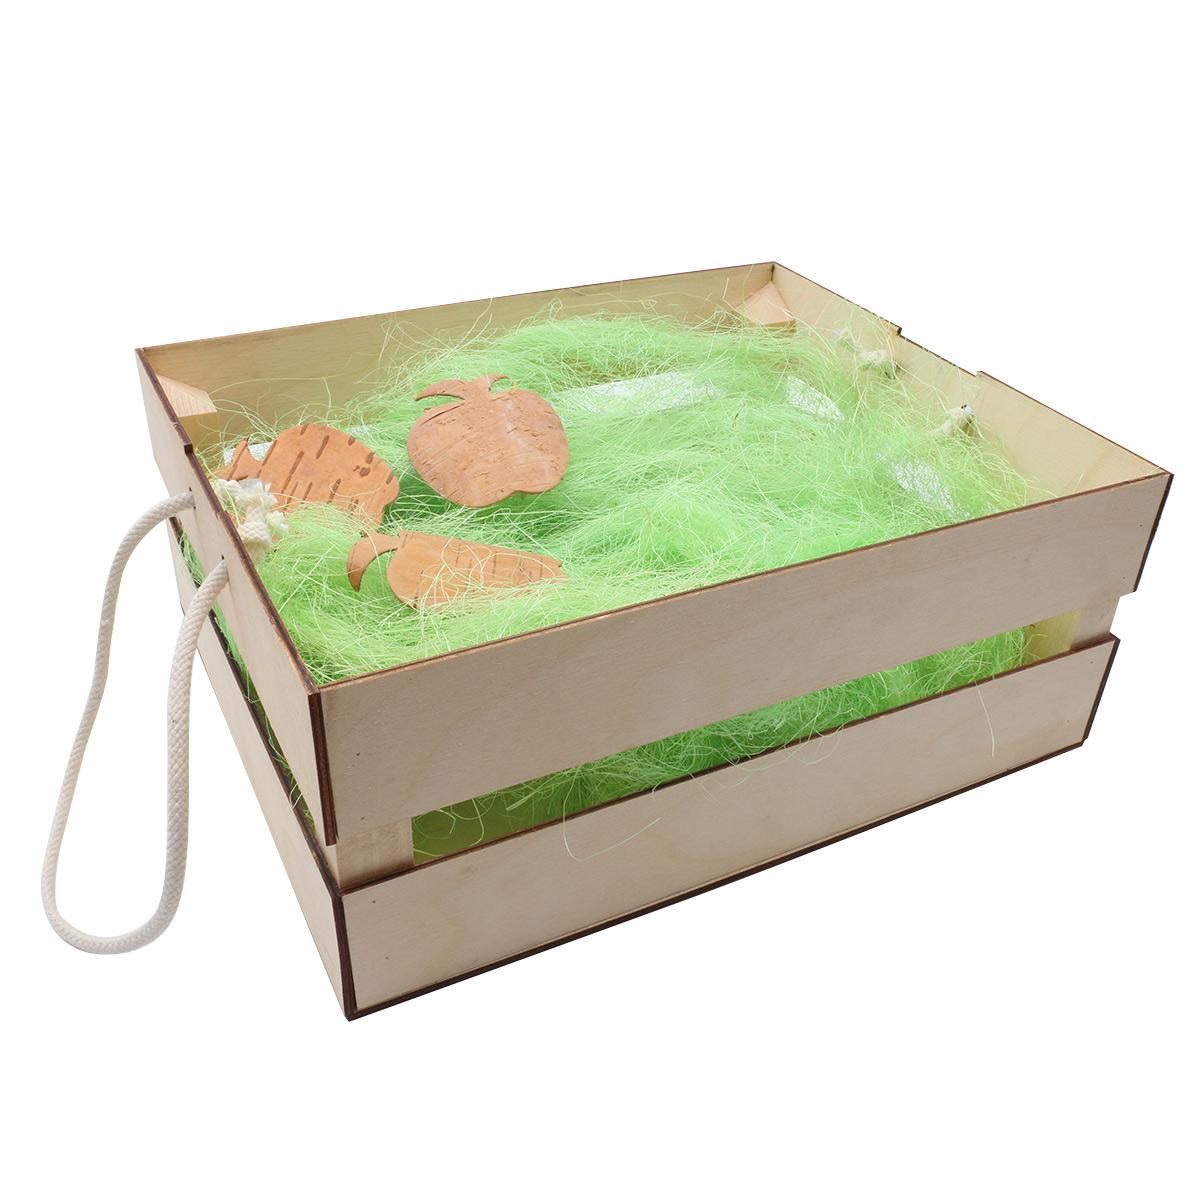 Деревянный ящик для оформления подарка с наполнением №2, 20*25 см